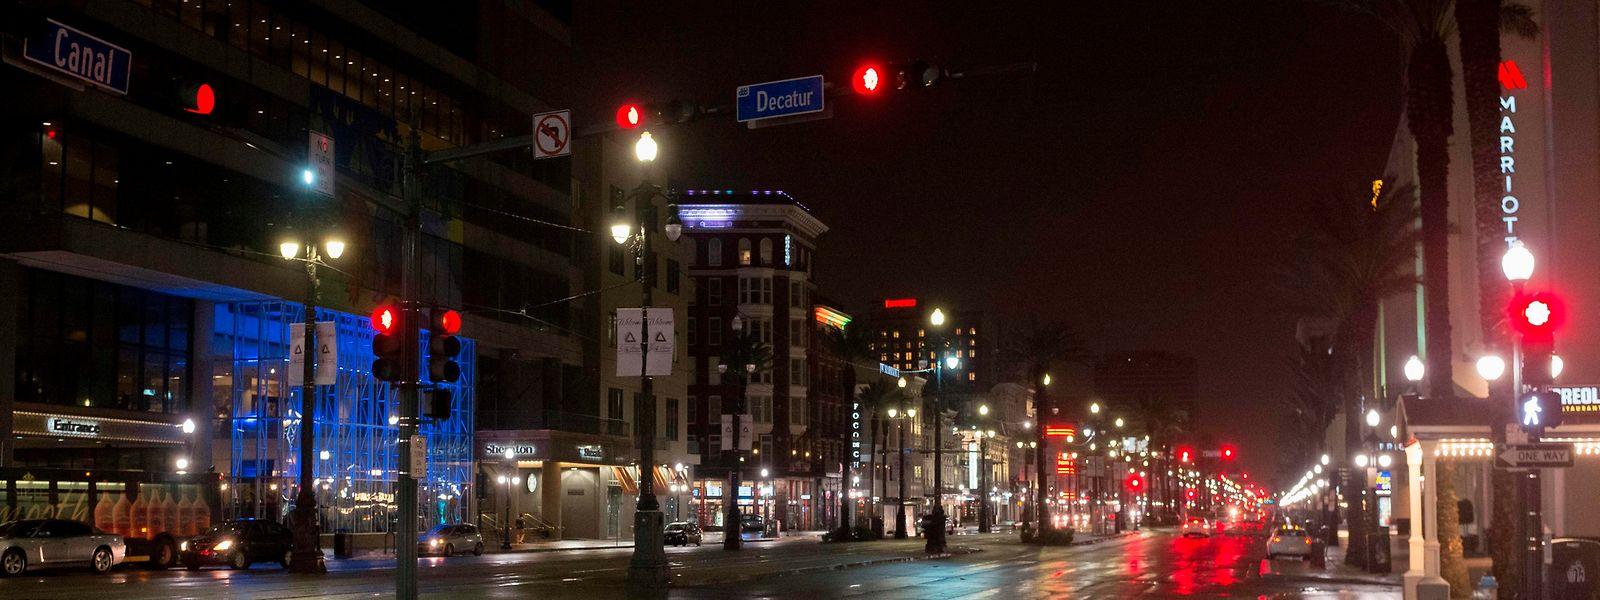 Von dem Sturm dürfte unter anderem die Südstaaten-Metropole New Orleans betroffen sein.